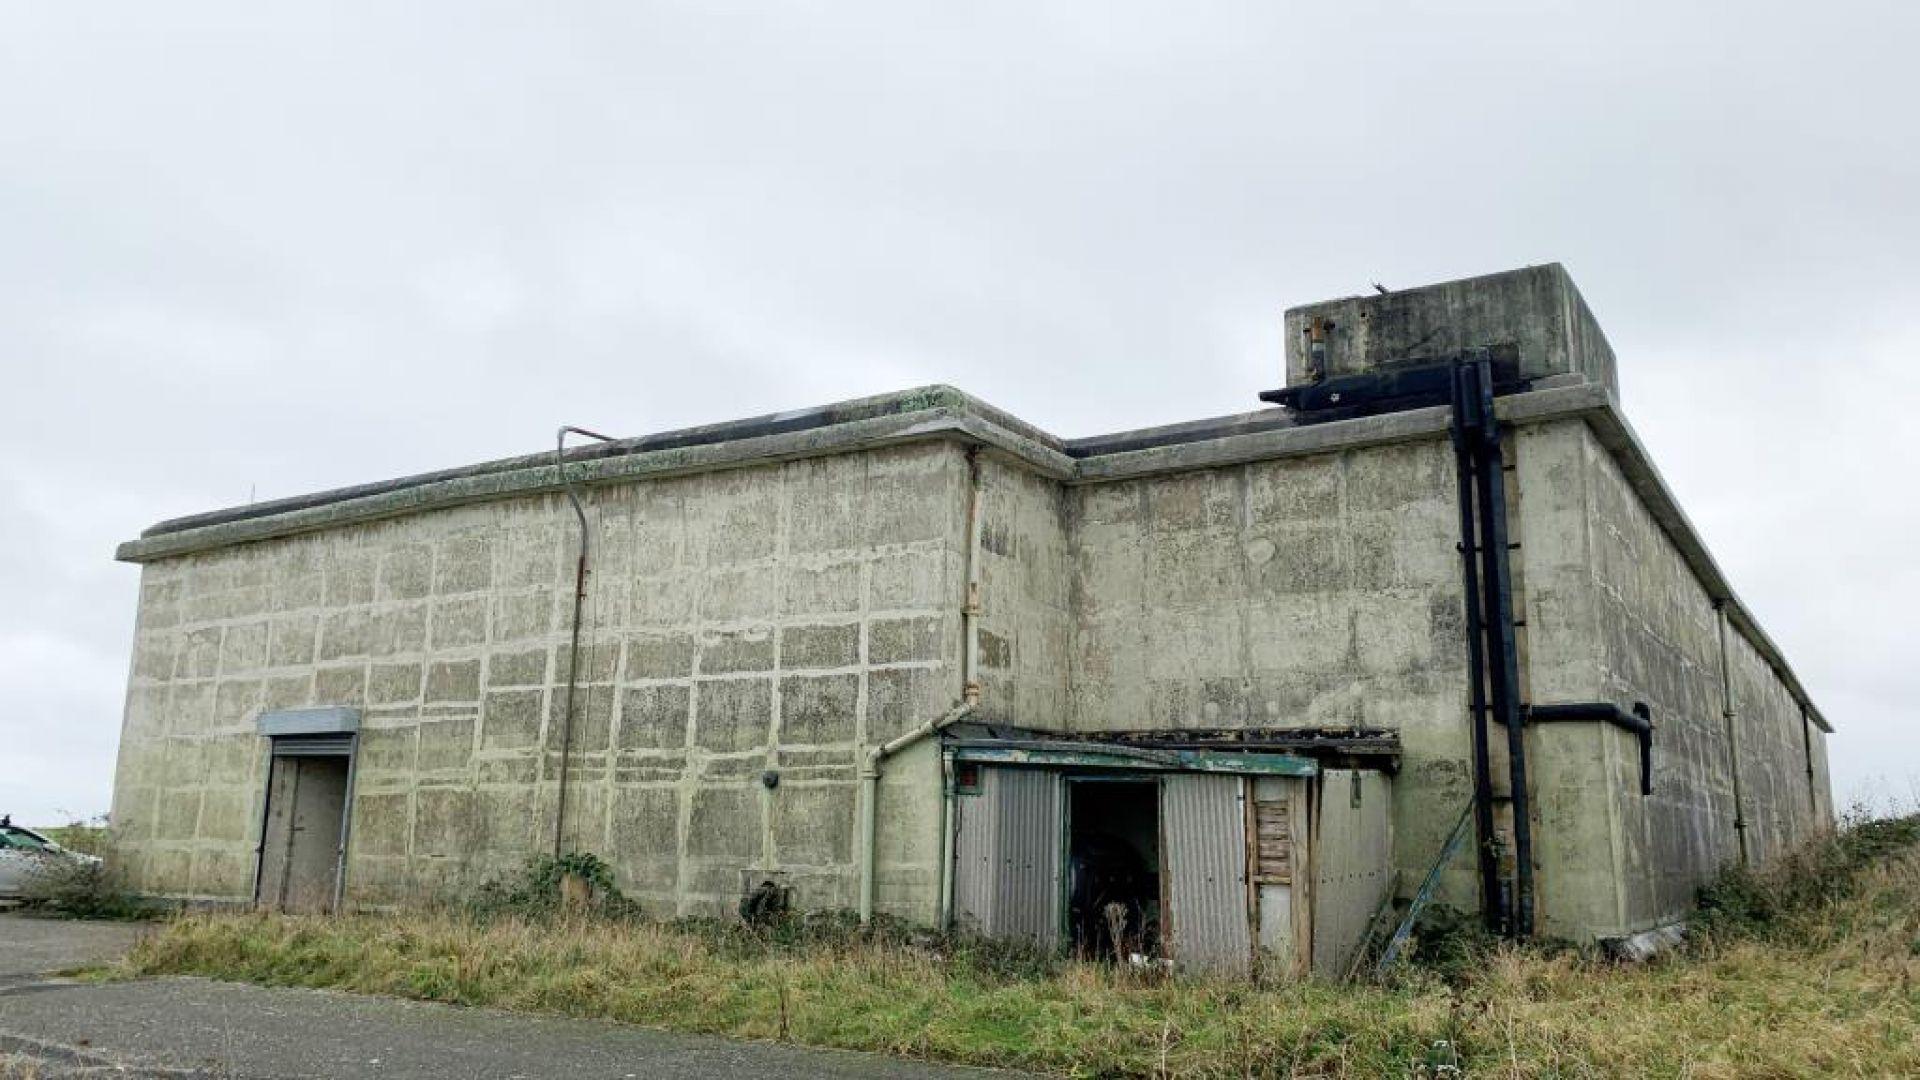 Продават огромен ядрен бункер във Великобритания (снимки)